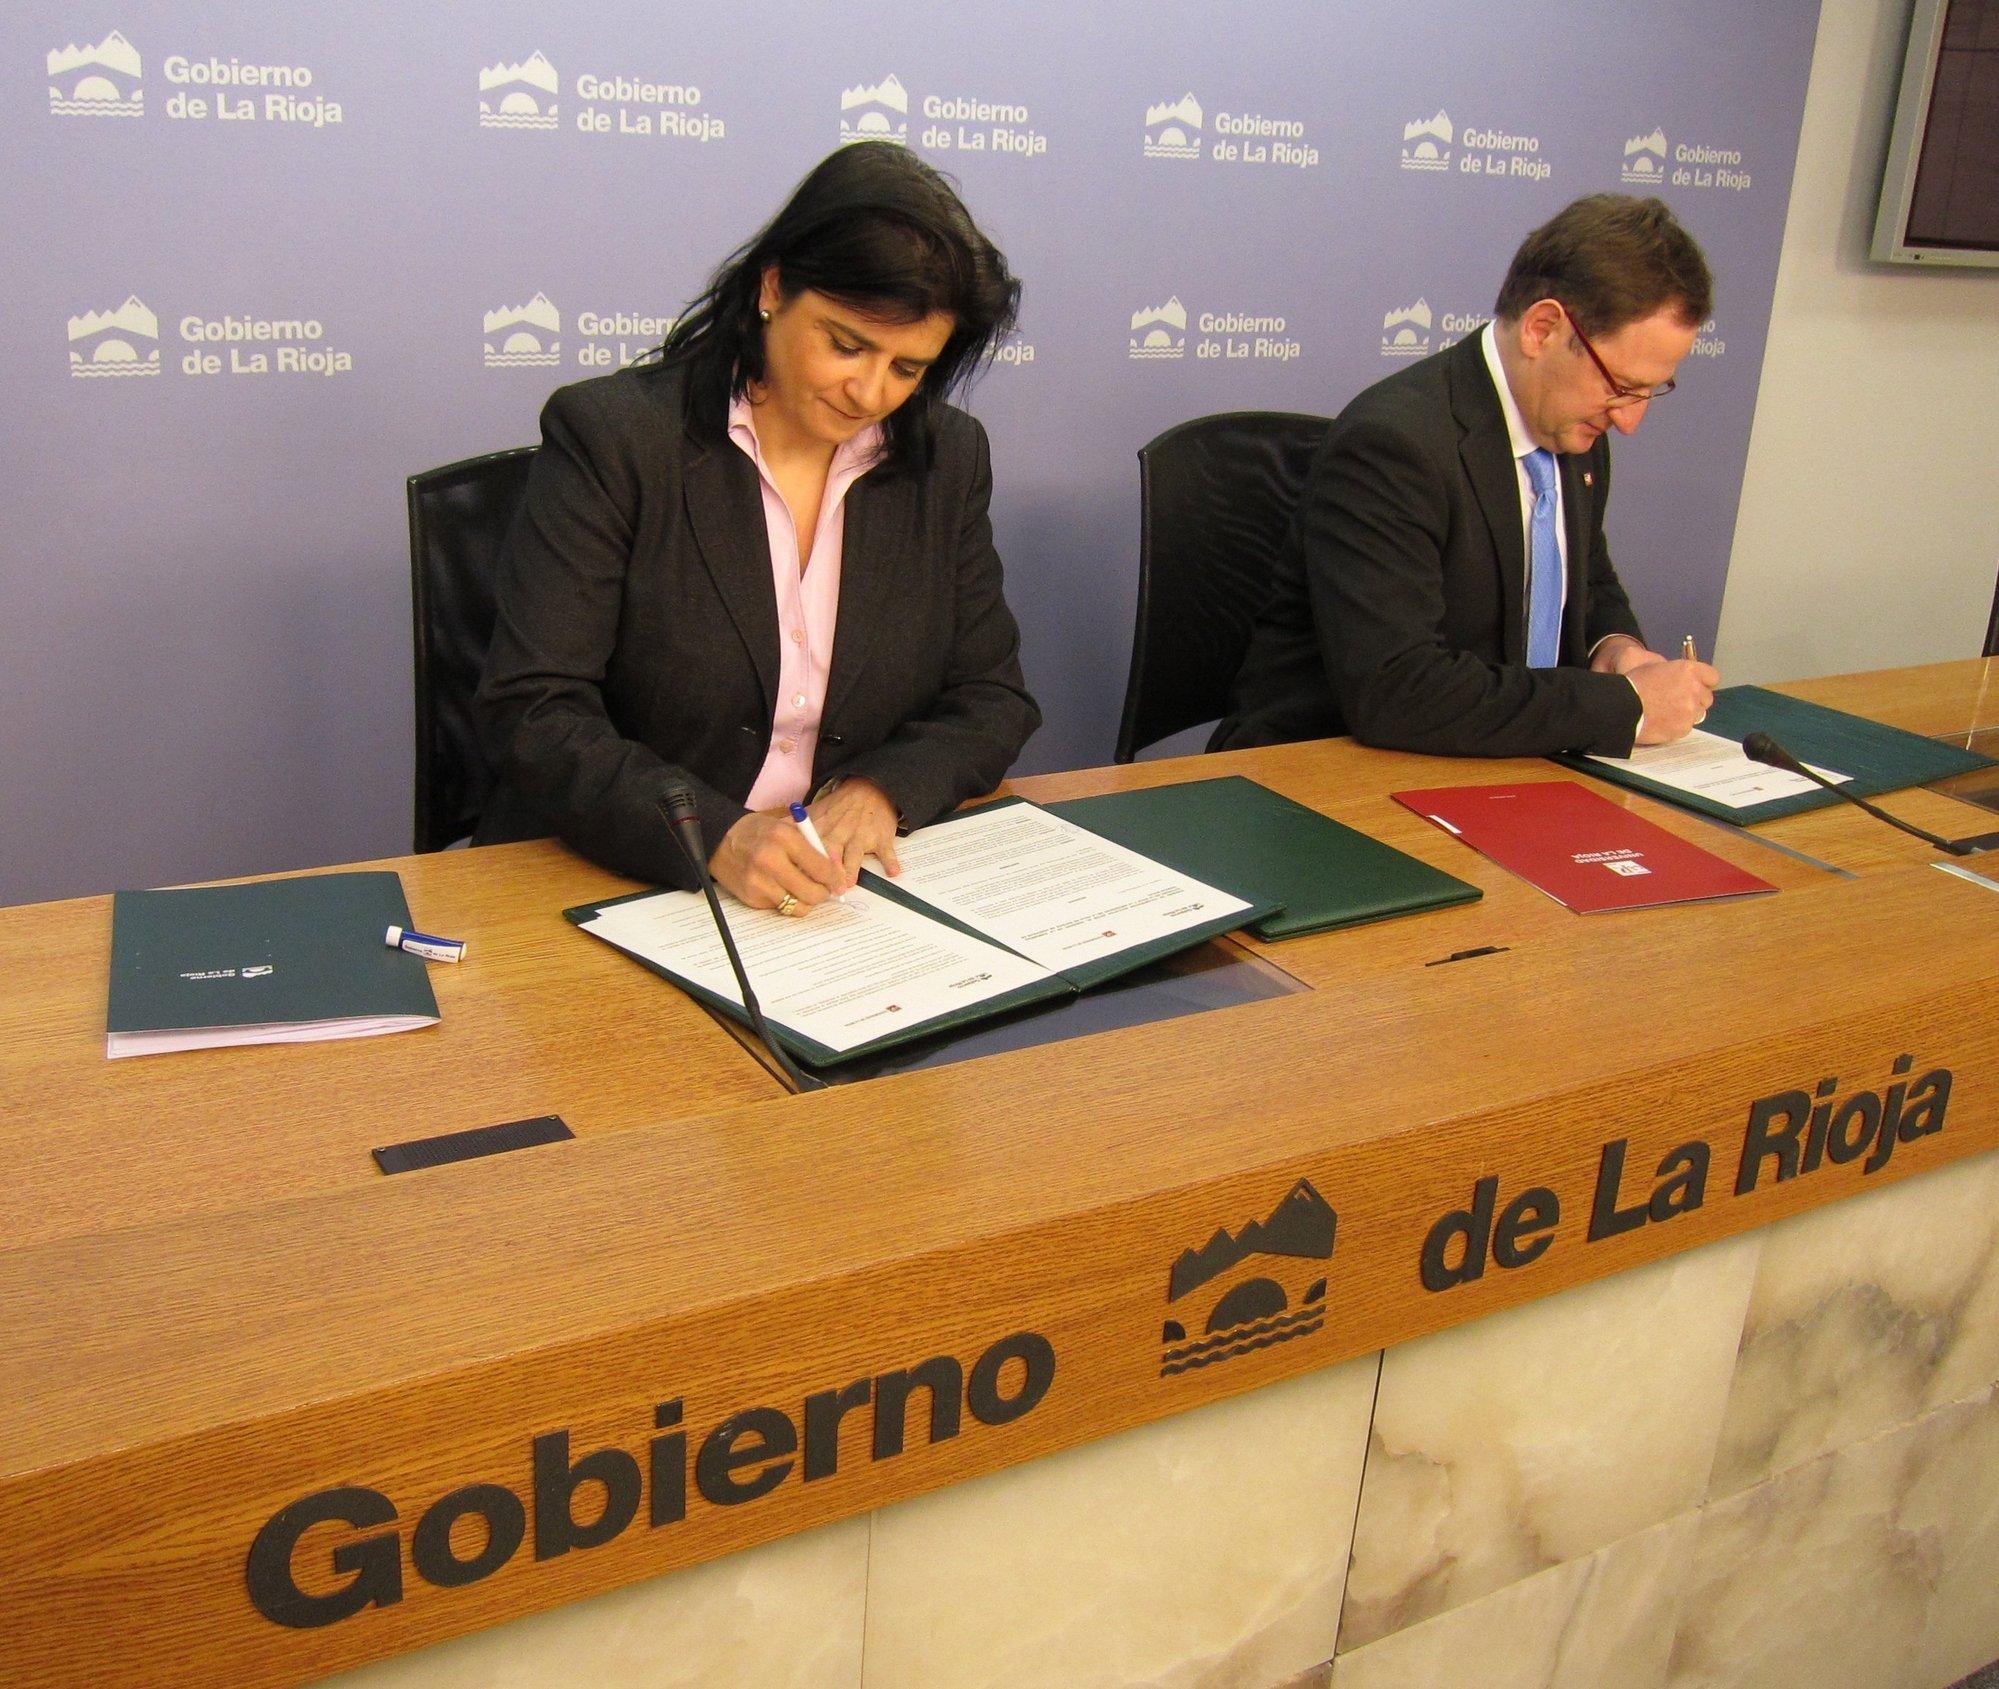 Gobierno y la UR firman un convenio para que alumnos de Trabajo Social realicen prácticas en la Administración